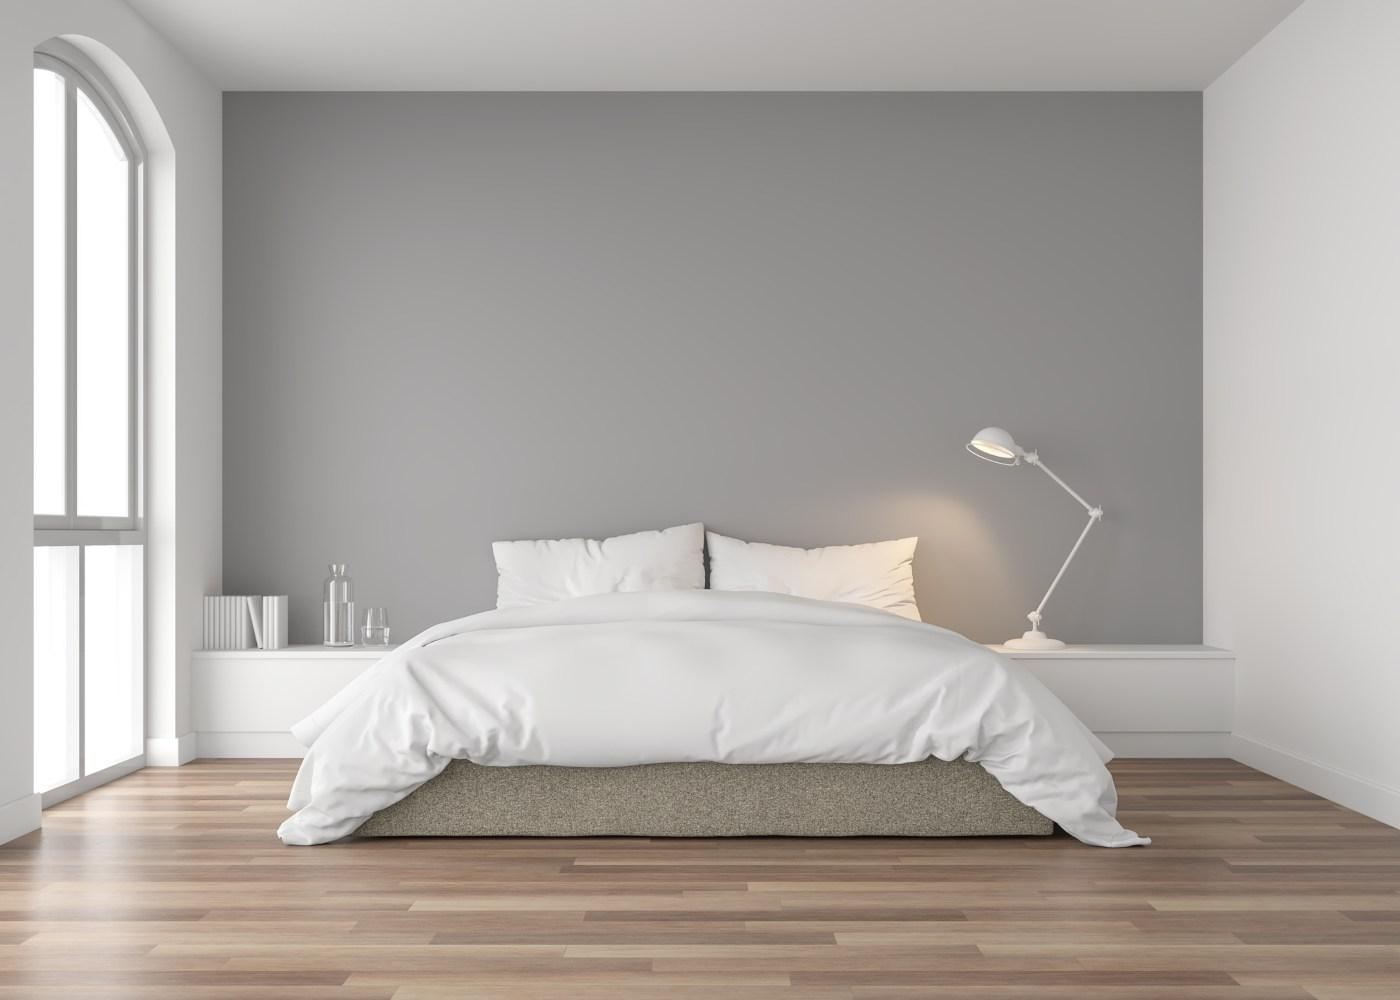 quarto em tons de branco e cinzento decorado segundo orientações de coisas que não deve ter no quarto